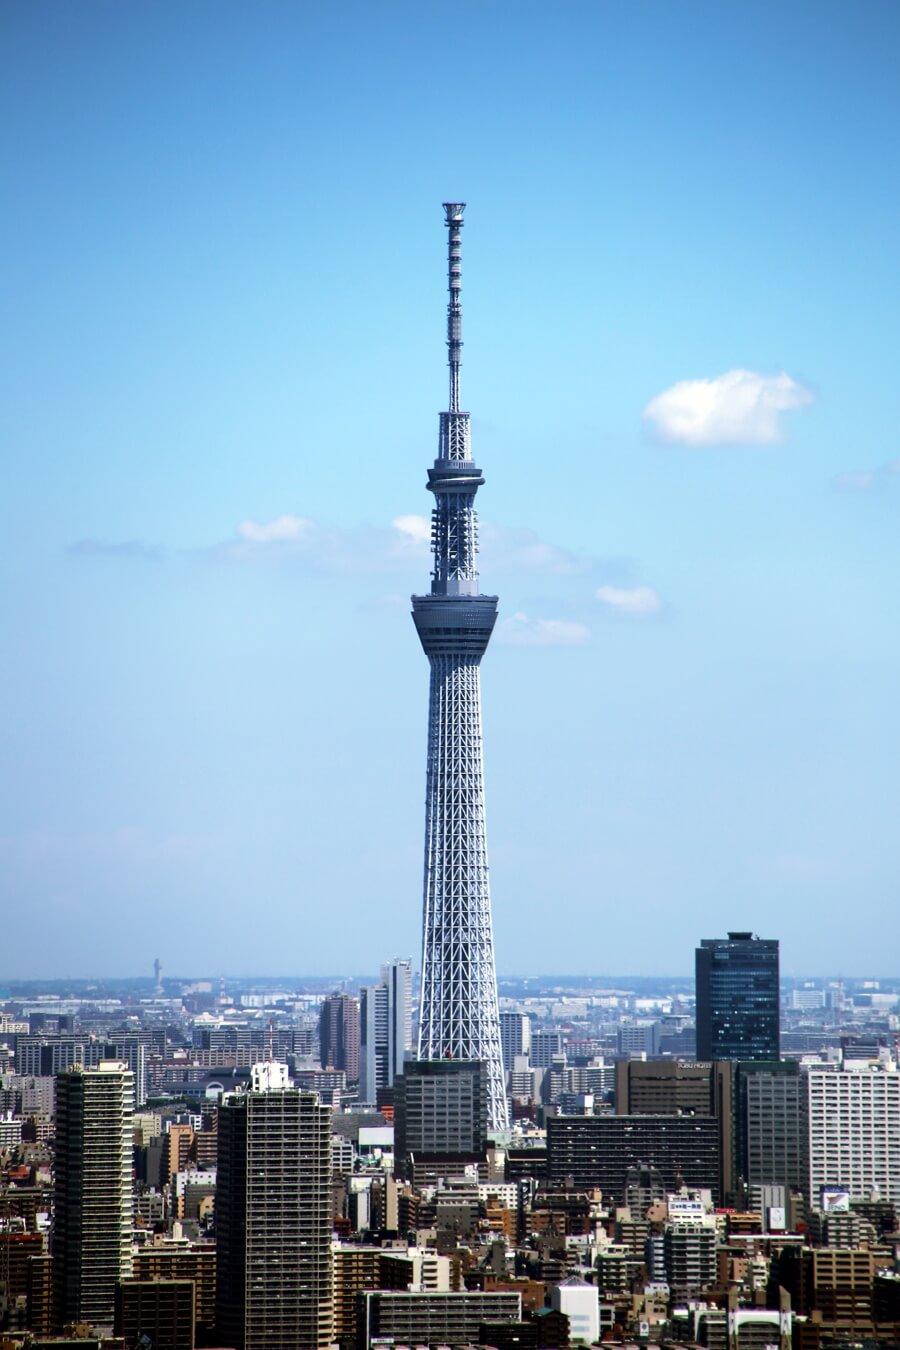 東雲から眺める東京スカイツリー tokyo_skytree (3)